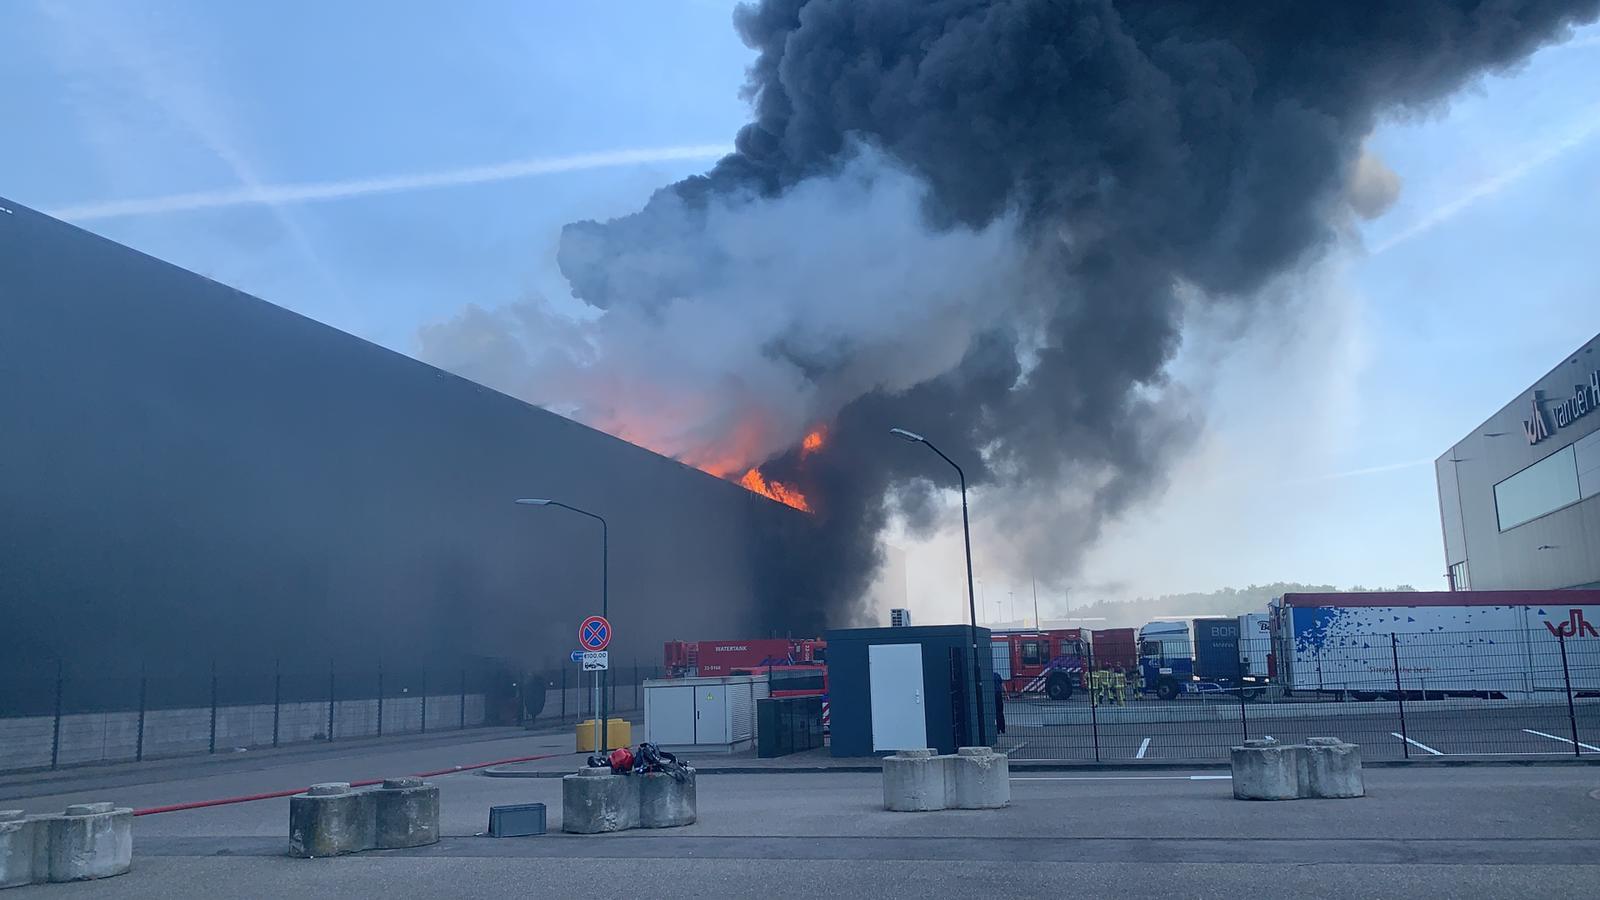 Het vuur bij het transportbedrijf in Hapert laait weer op.